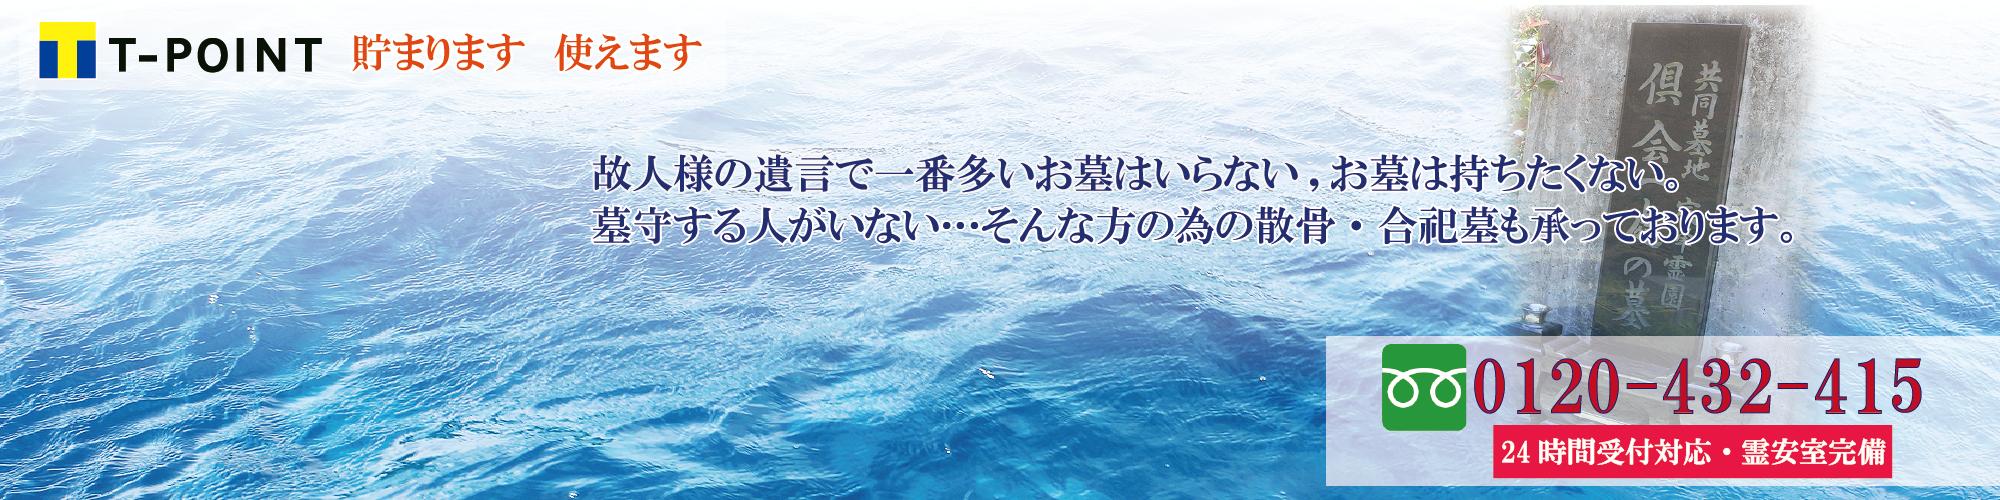 海洋散骨・合祀墓